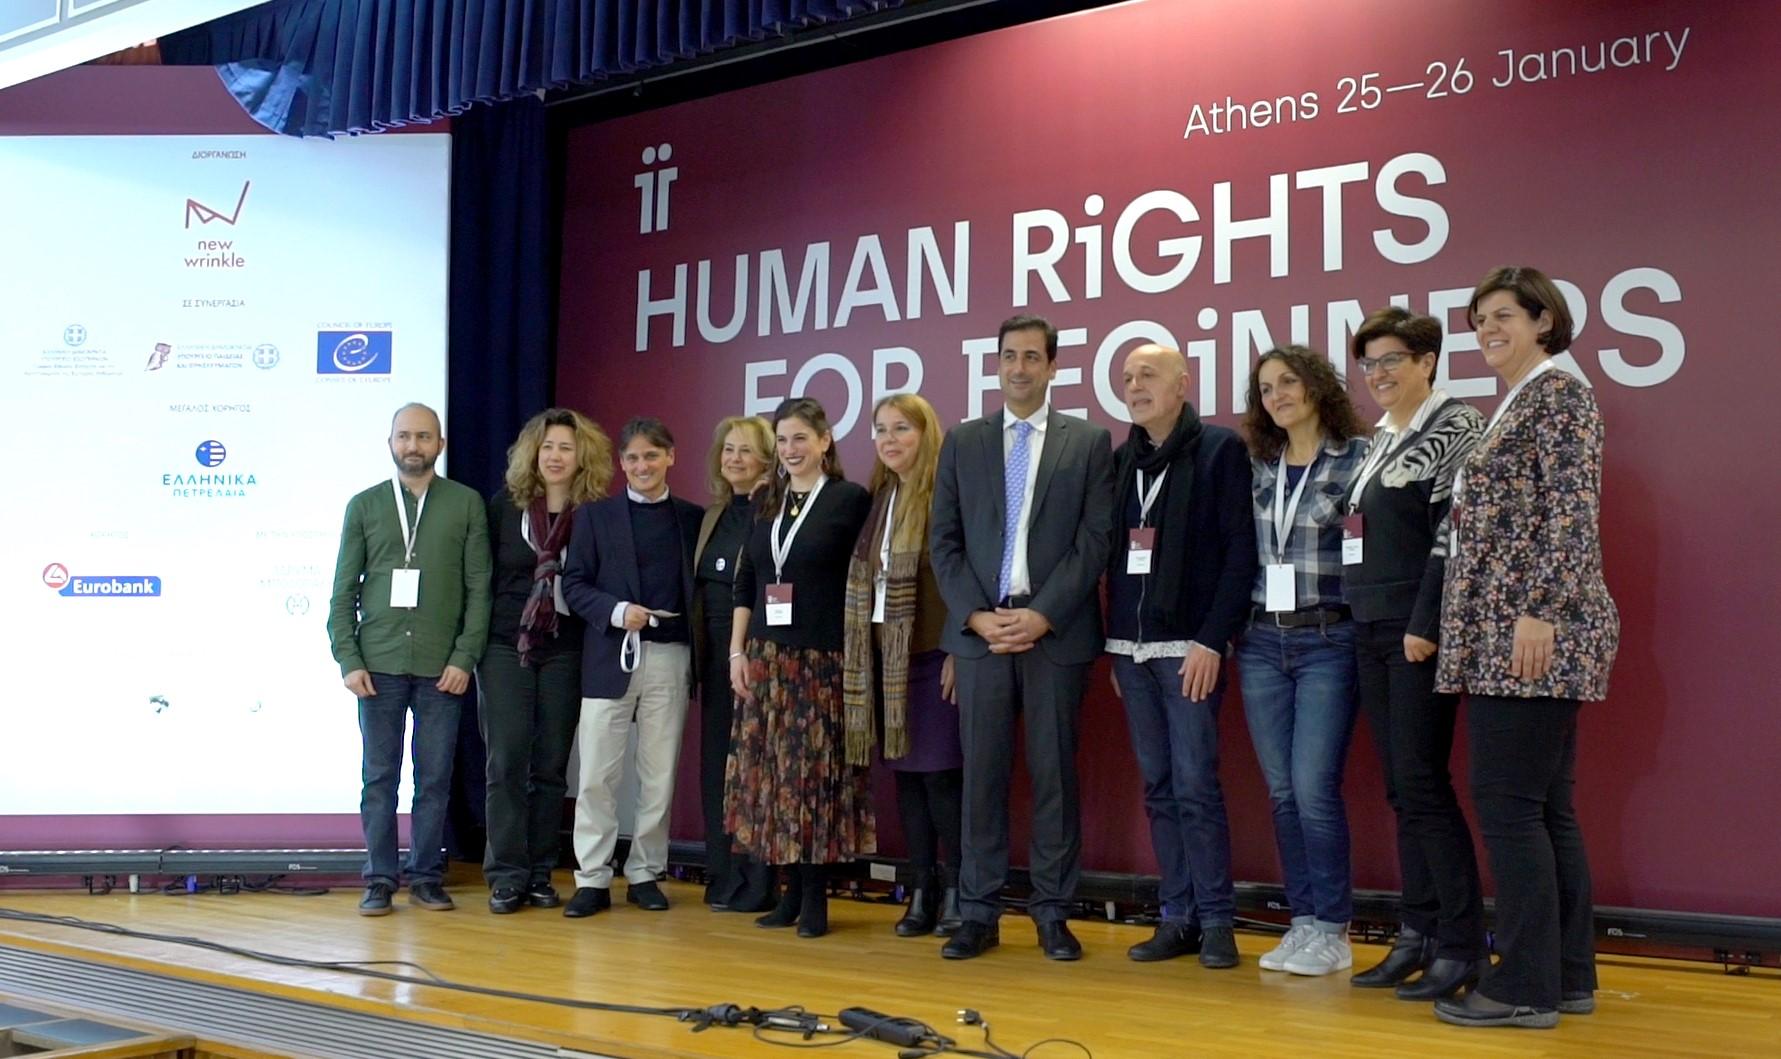 """Ο Όμιλος ΕΛΛΗΝΙΚΑ ΠΕΤΡΕΛΑΙΑ μεγάλος χορηγός του εκπαιδευτικού προγράμματος """"HUMAN RIGHTS FOR BEGINNERS"""""""